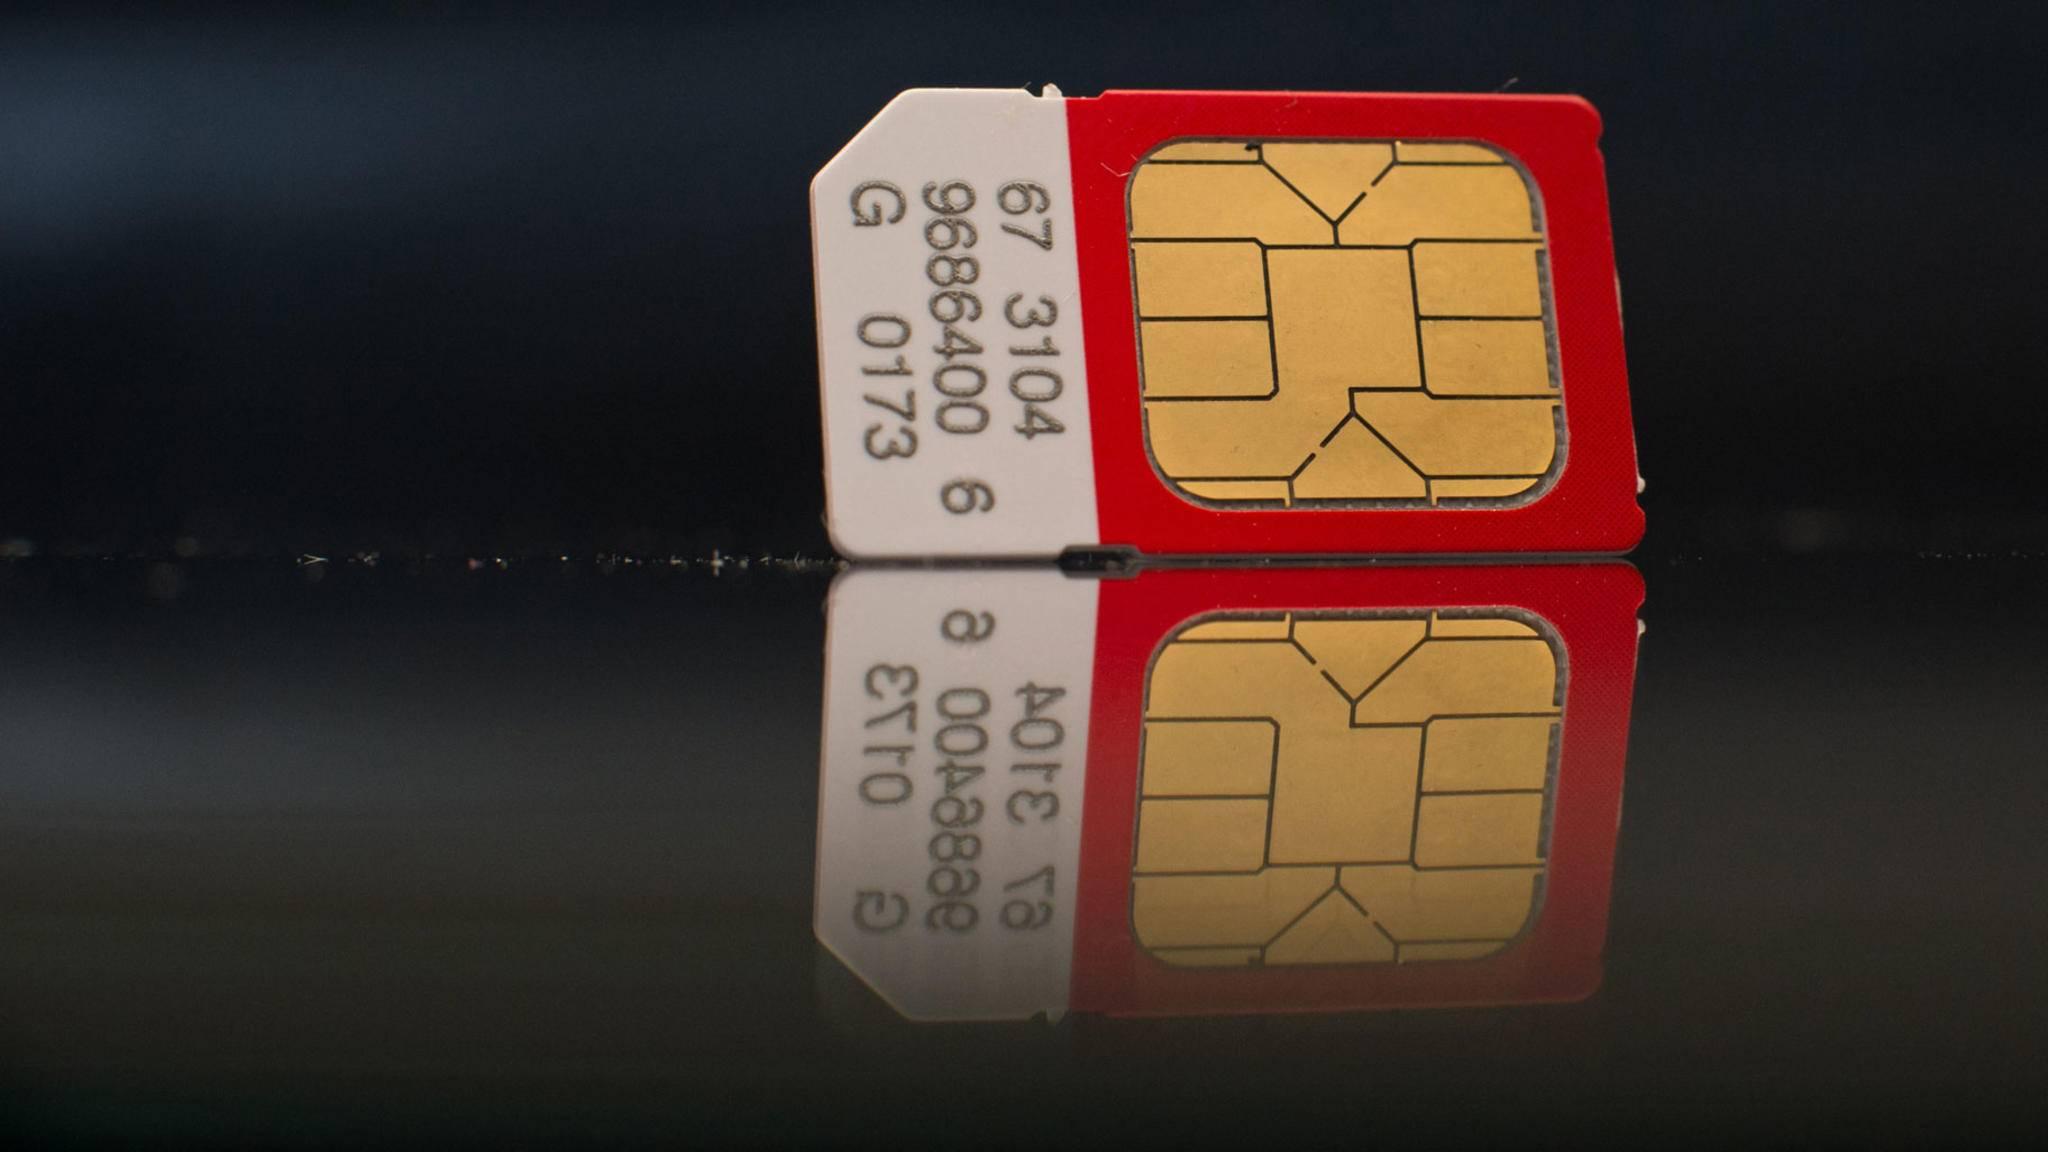 Wir verraten, was Du tun kannst, wenn die SIM-Karte in Deinem iPhone nicht funktioniert.